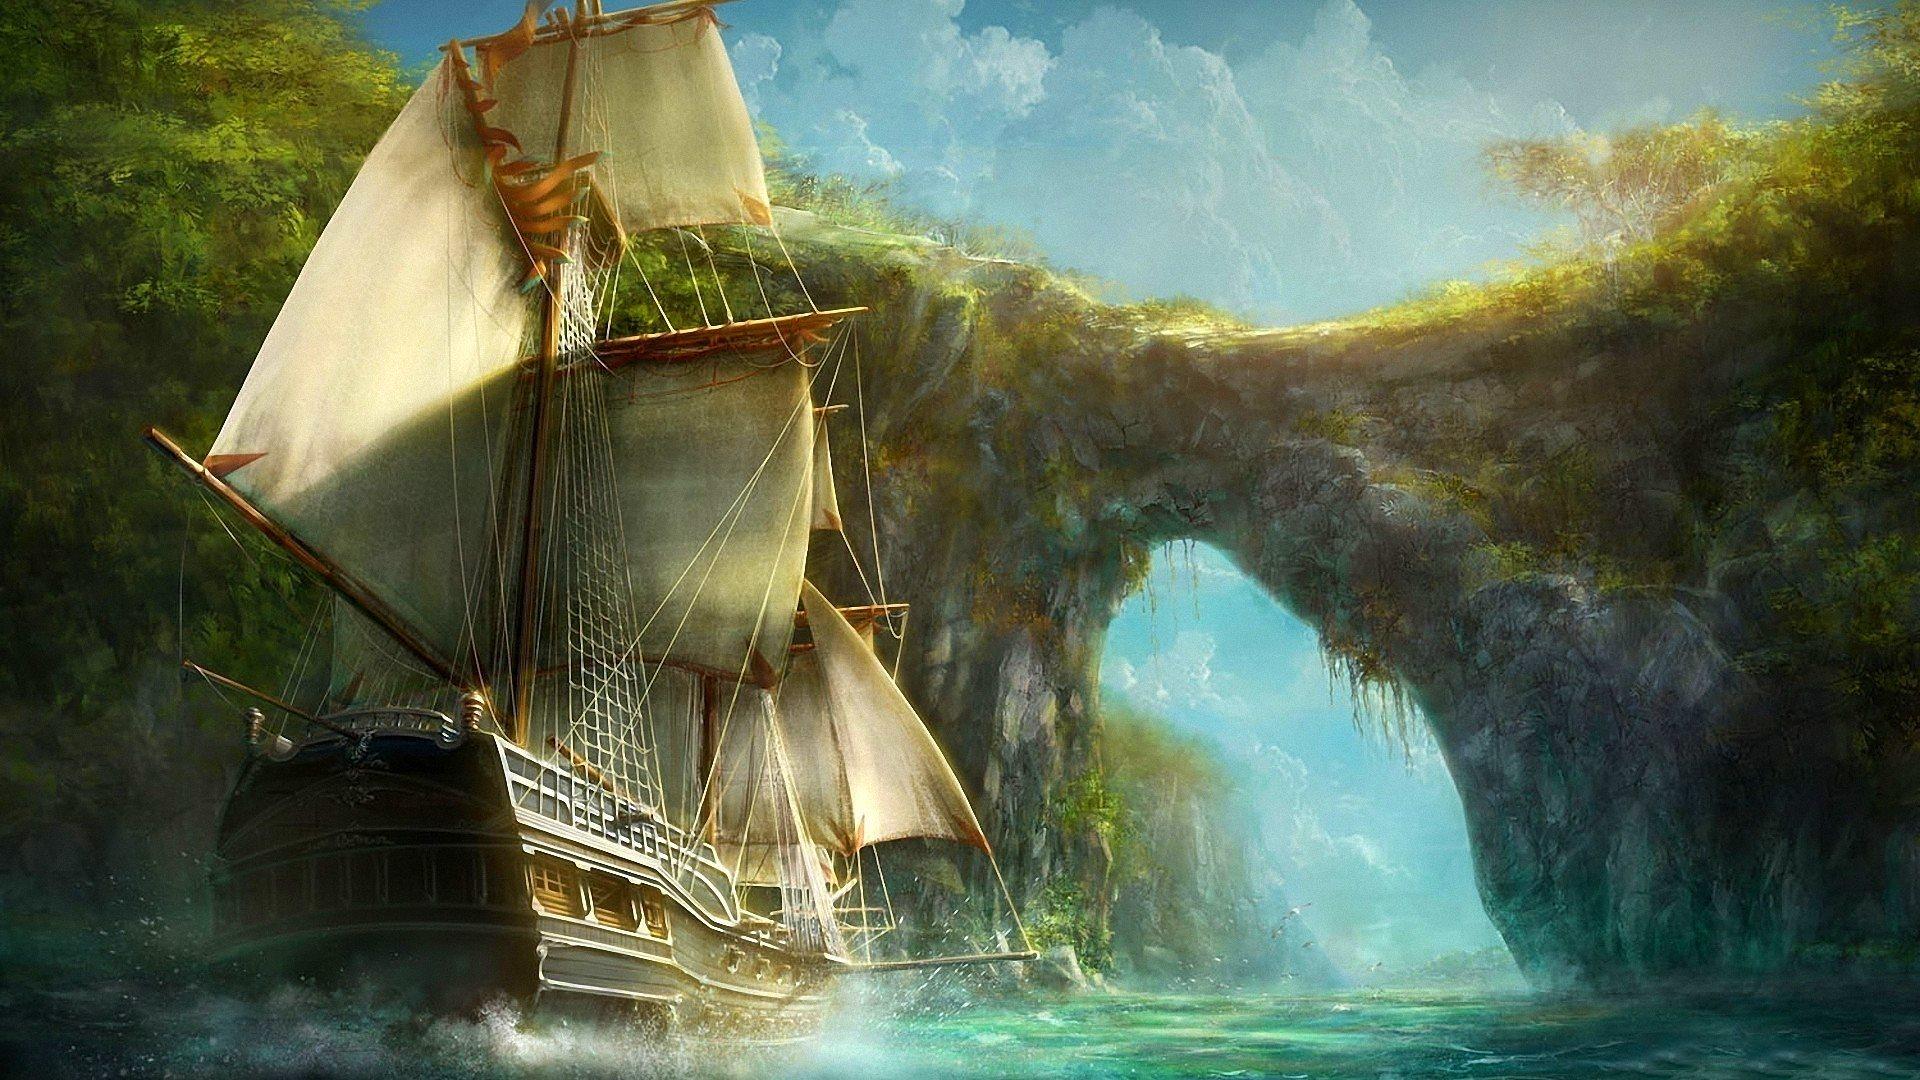 Fantasy Wallpaper 58